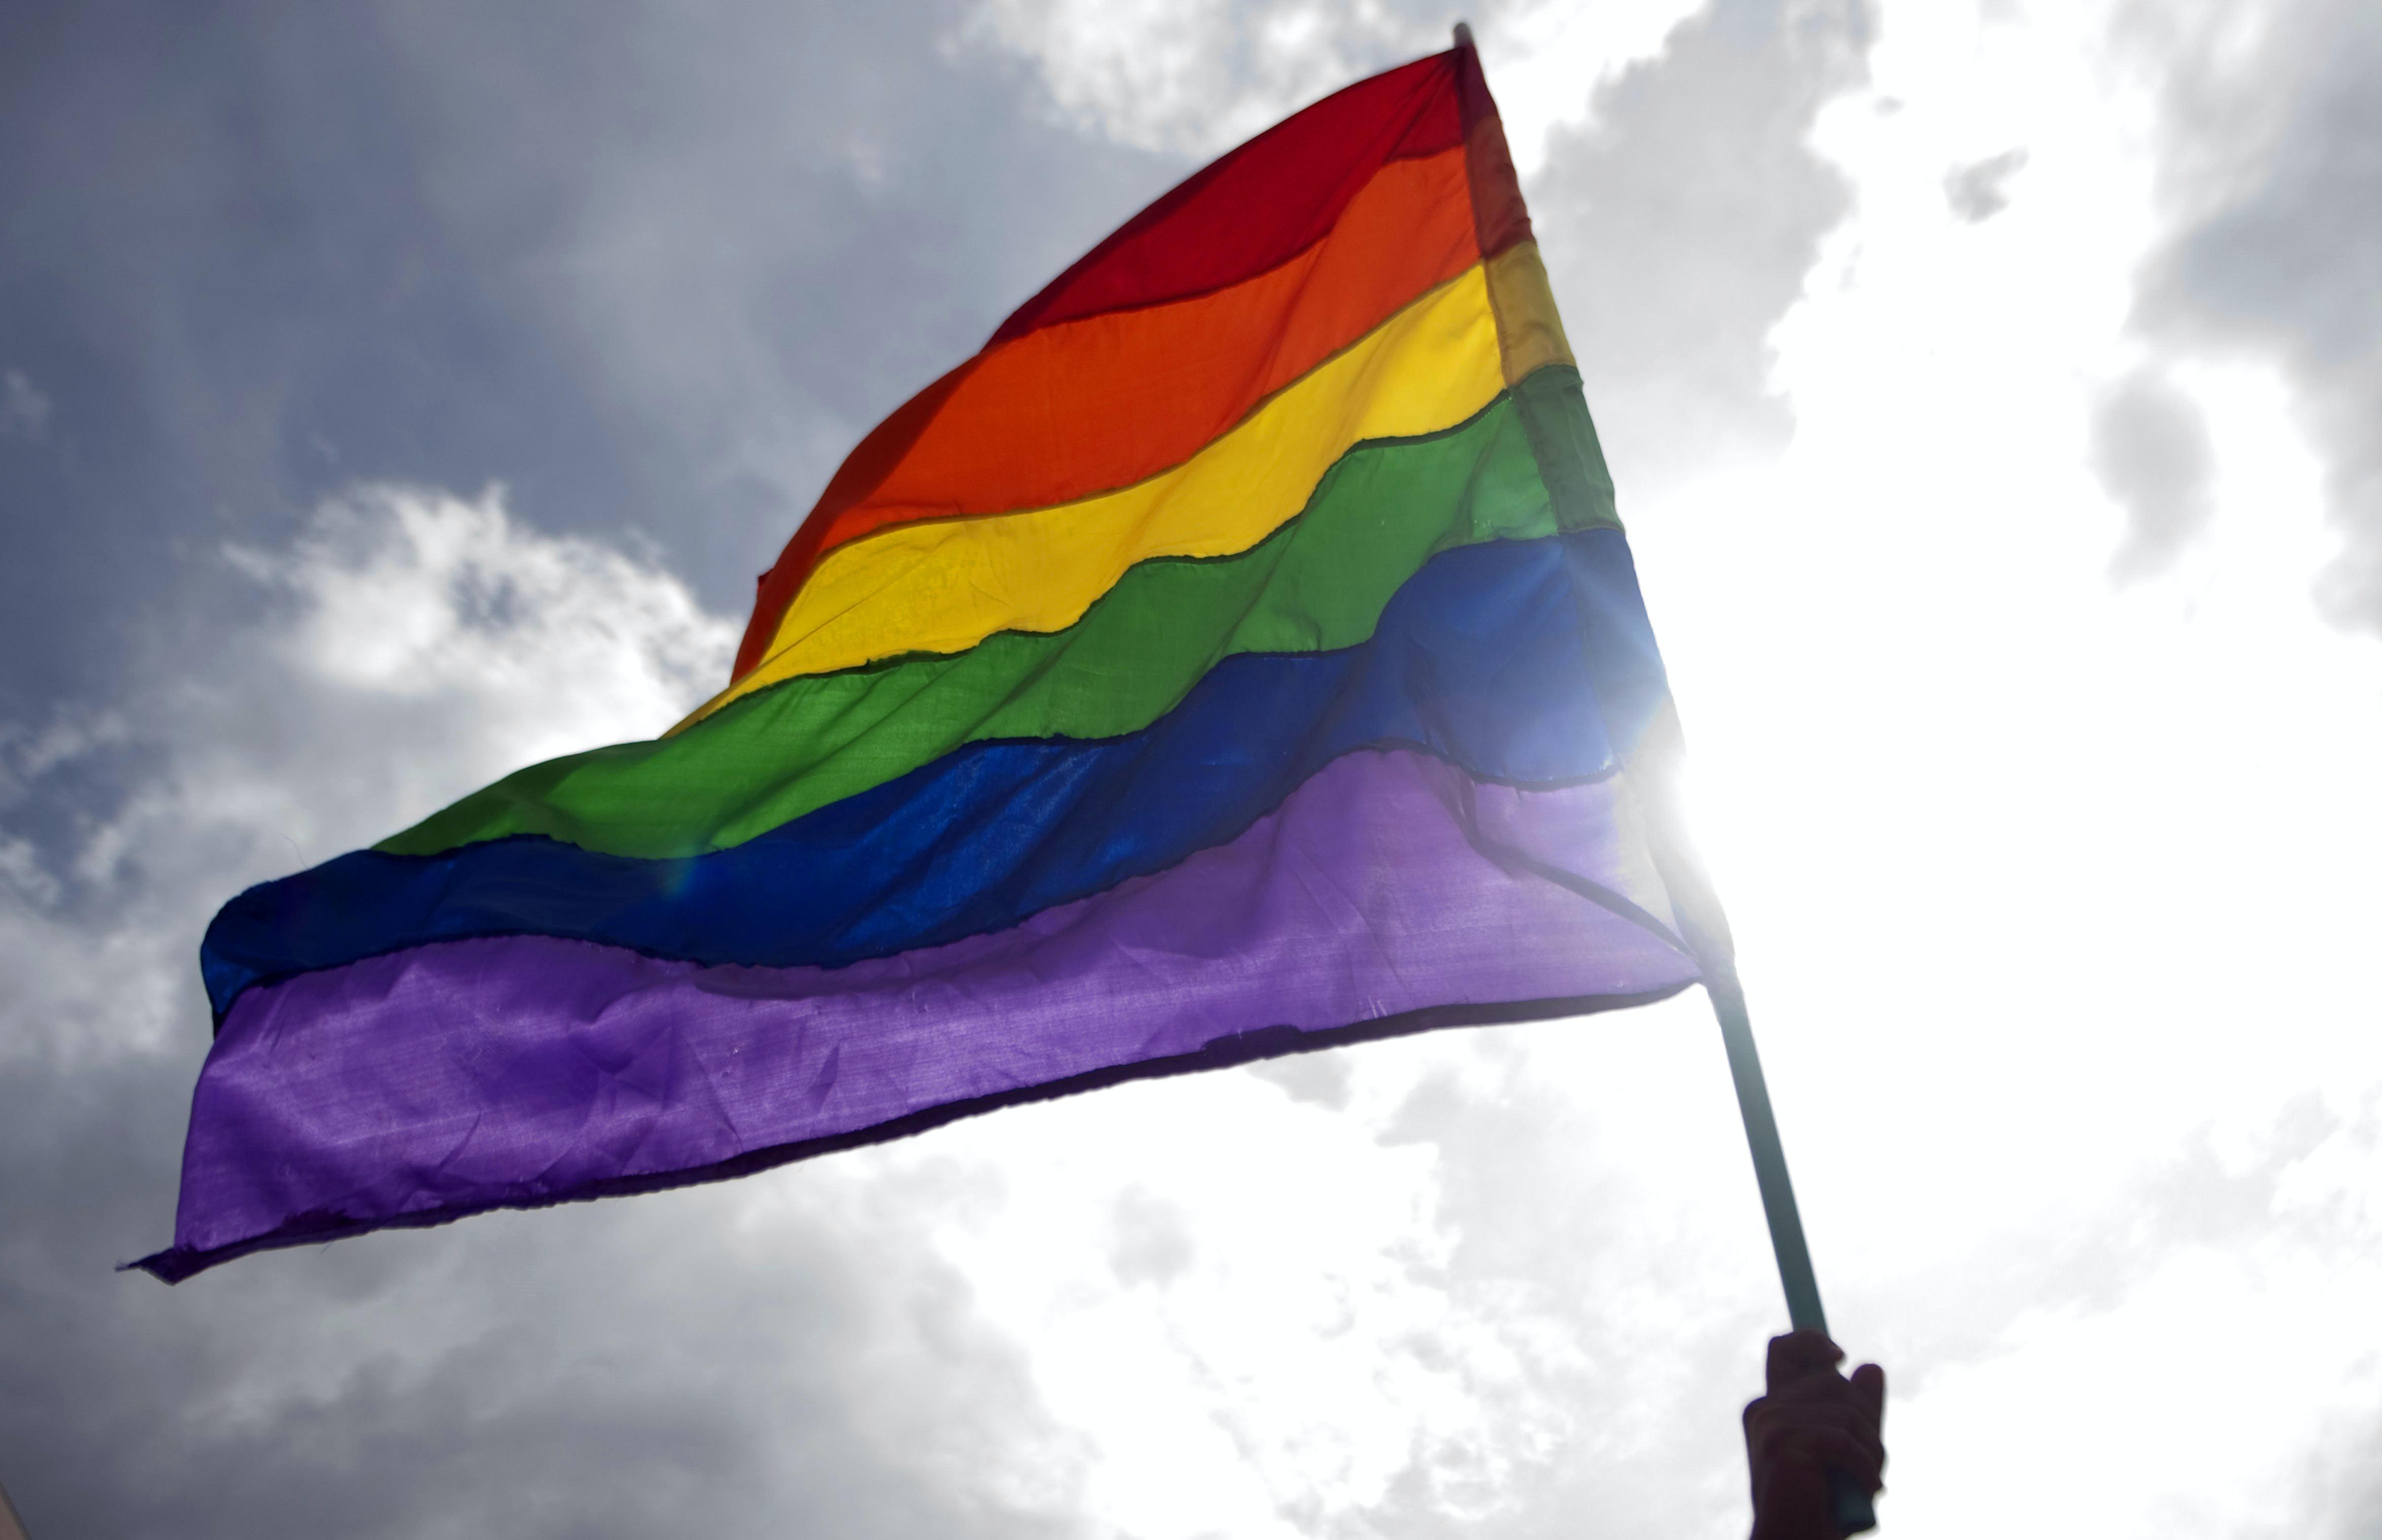 Four Days After Orlando, Obama Finally Calls Florida Governor To Offer Condolences